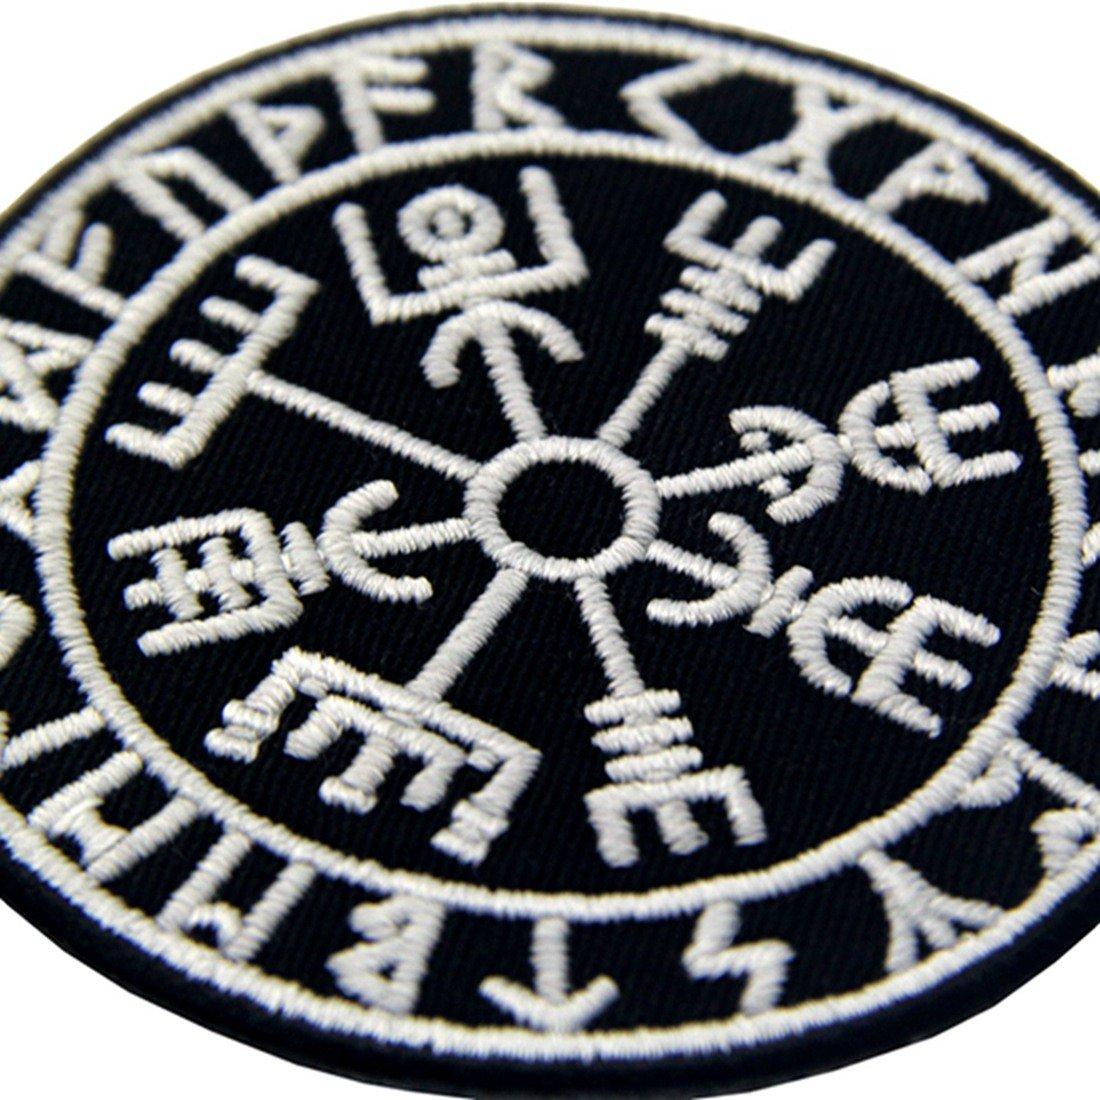 Vegvisir Viking Brújula Norse Rune Morale Táctica Resplandor en el parche oscuro Bordado de Aplicación con Plancha: Amazon.es: Hogar